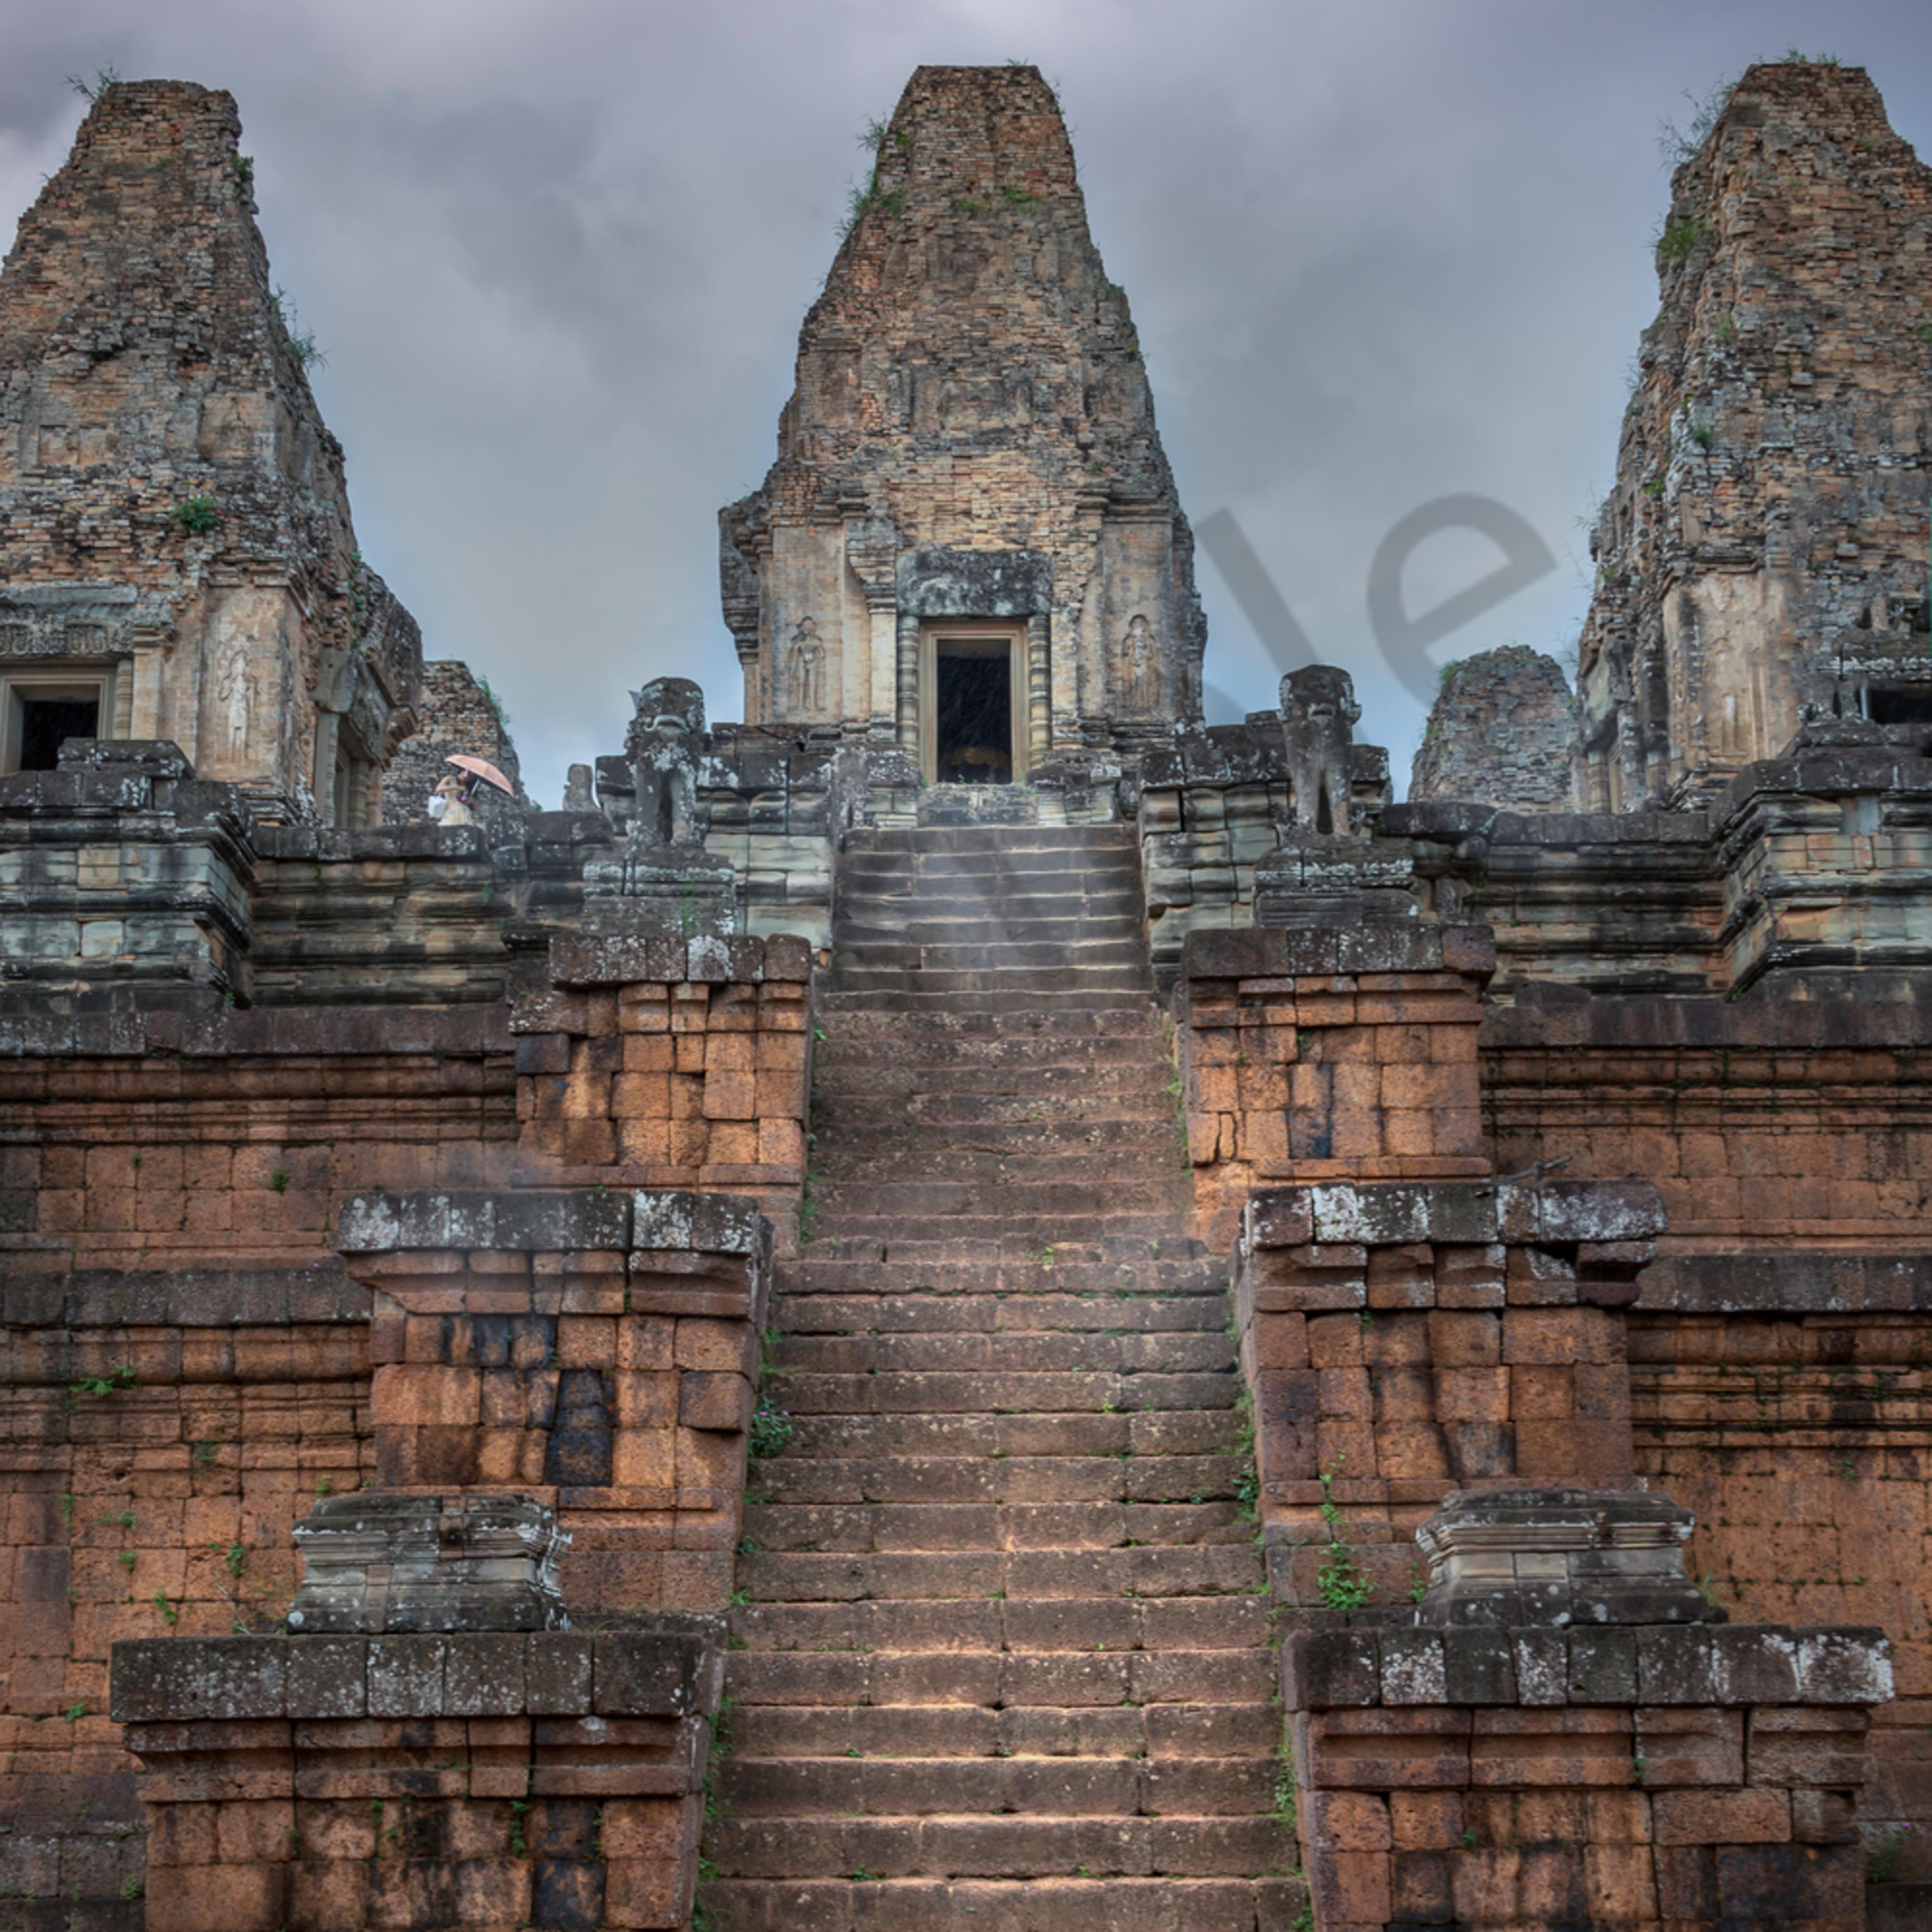 2016 10 16 cambodiadsc 1448 edit quja0s